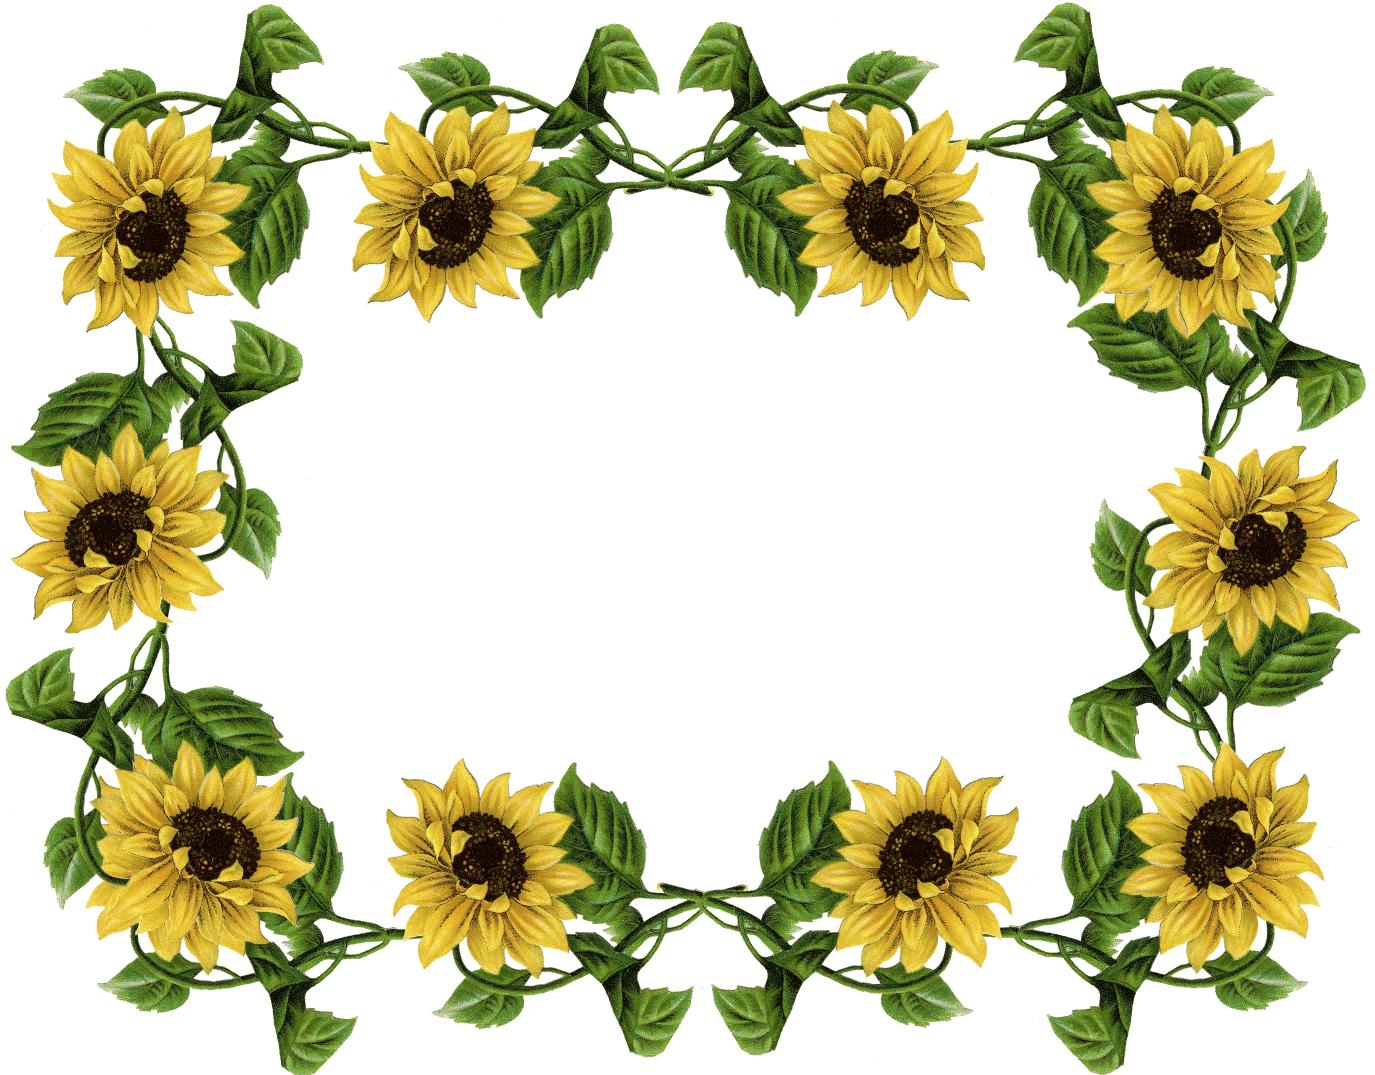 Sunflower Clipart Border in 2020 | Clip art borders ...